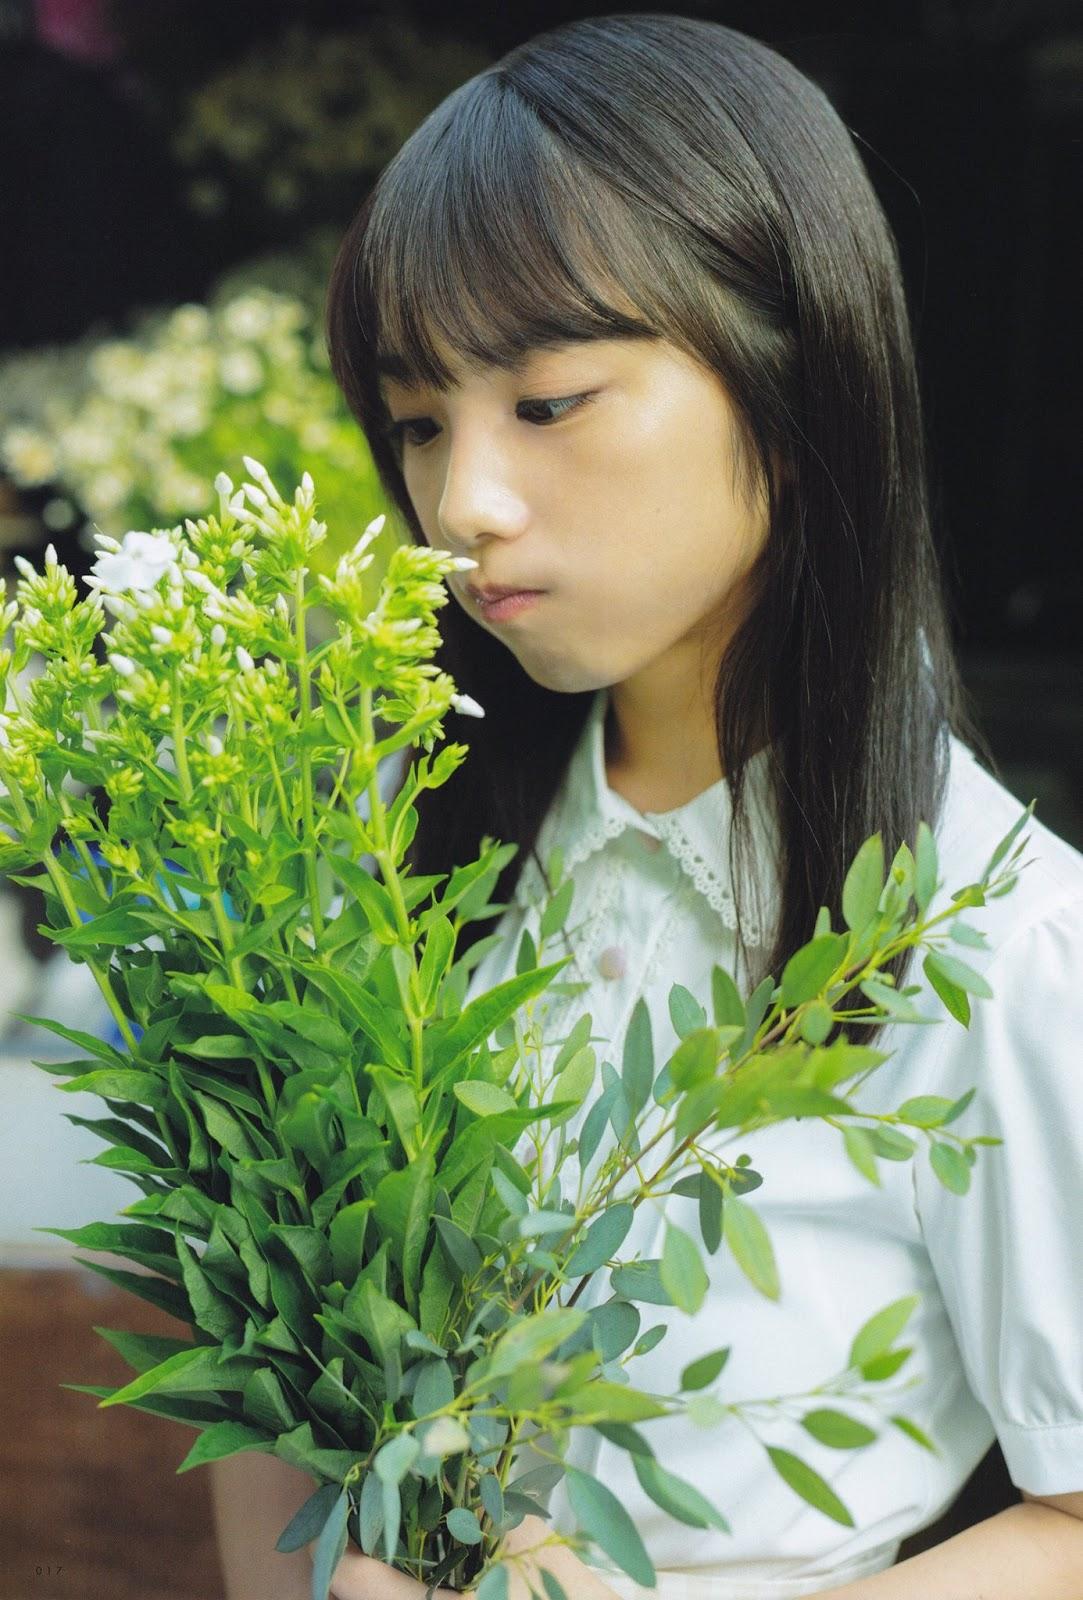 乃木坂46与田祐希(17)写真集の初水着が抜けるエロ画像68枚・54枚目の画像